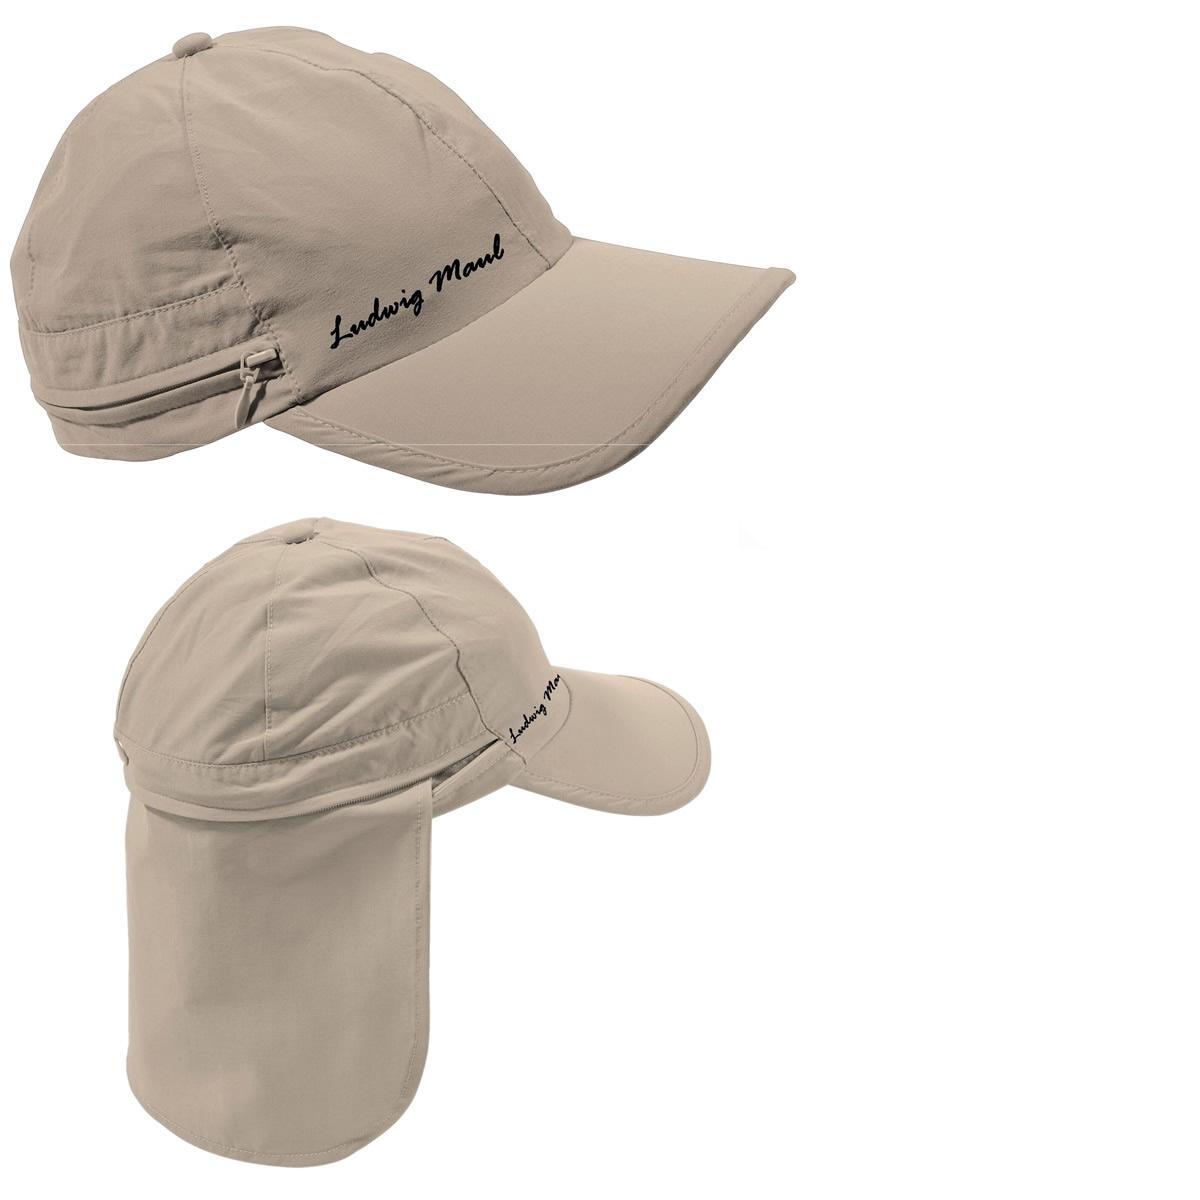 Maul Pompei Pompei Insektenschutz Mückenschutz Cap